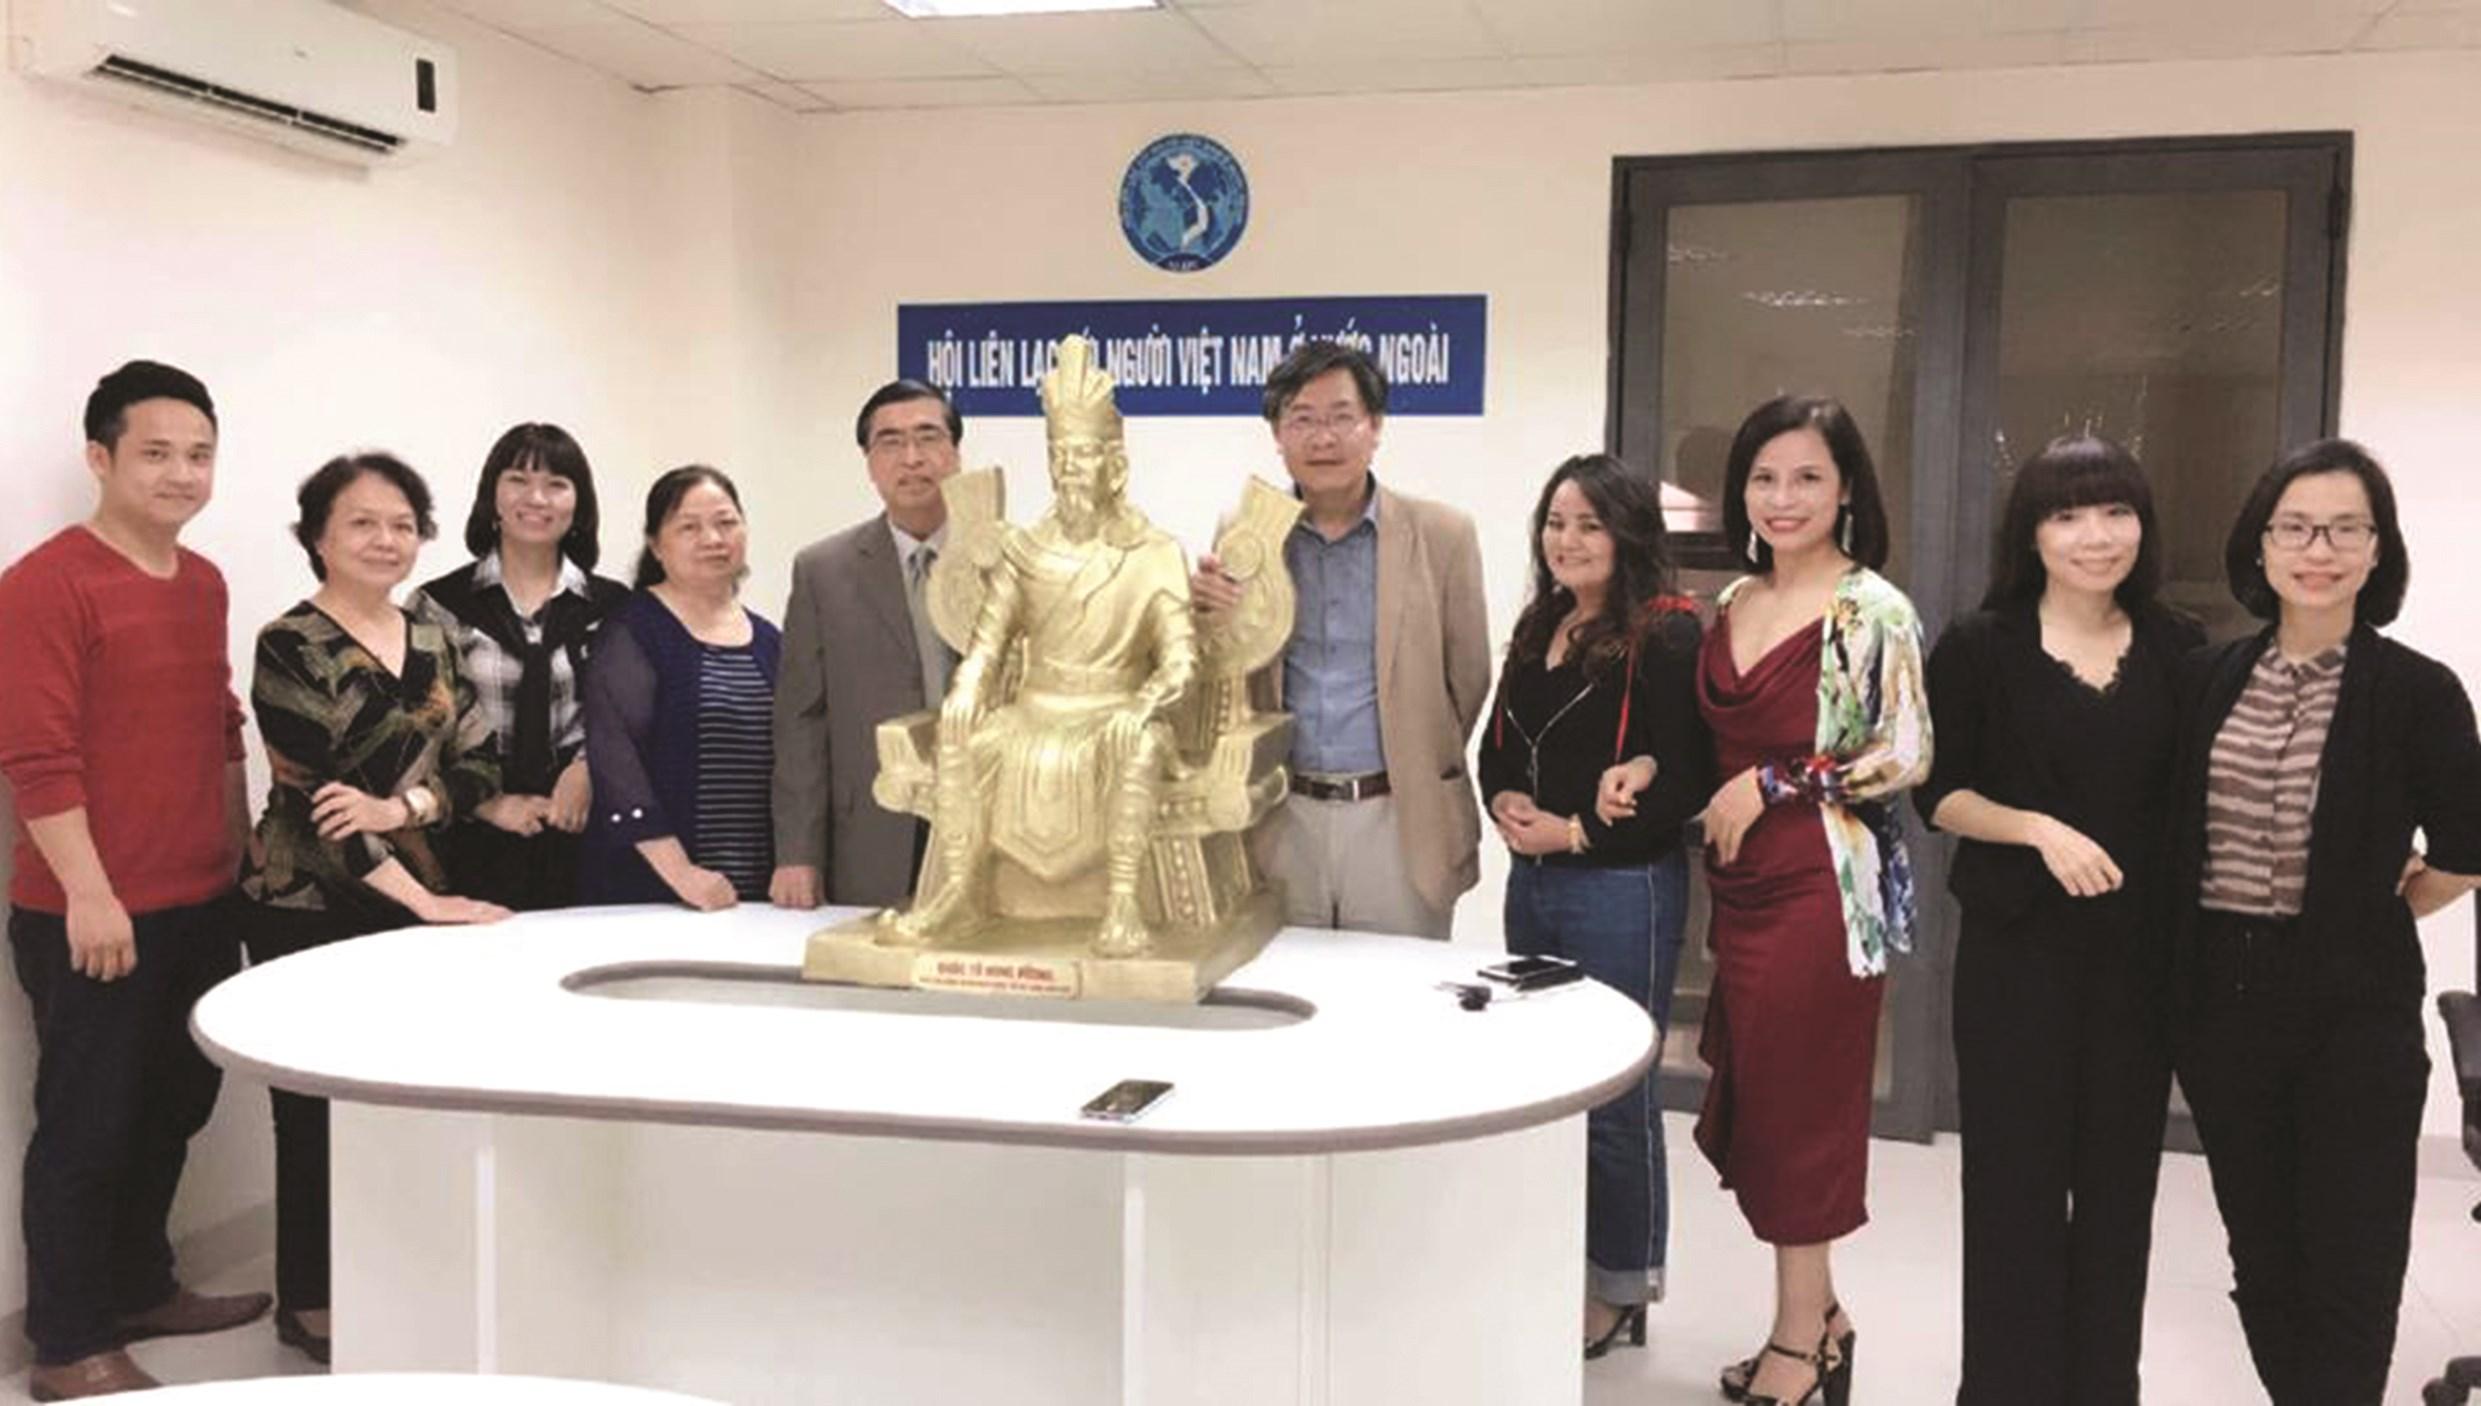 Đại sứ Việt Nam tại Ba Lan tặng tượng Vua Hùng cho cộng đồng nhân Ngày Quốc giỗ Việt Nam toàn cầu năm 2019